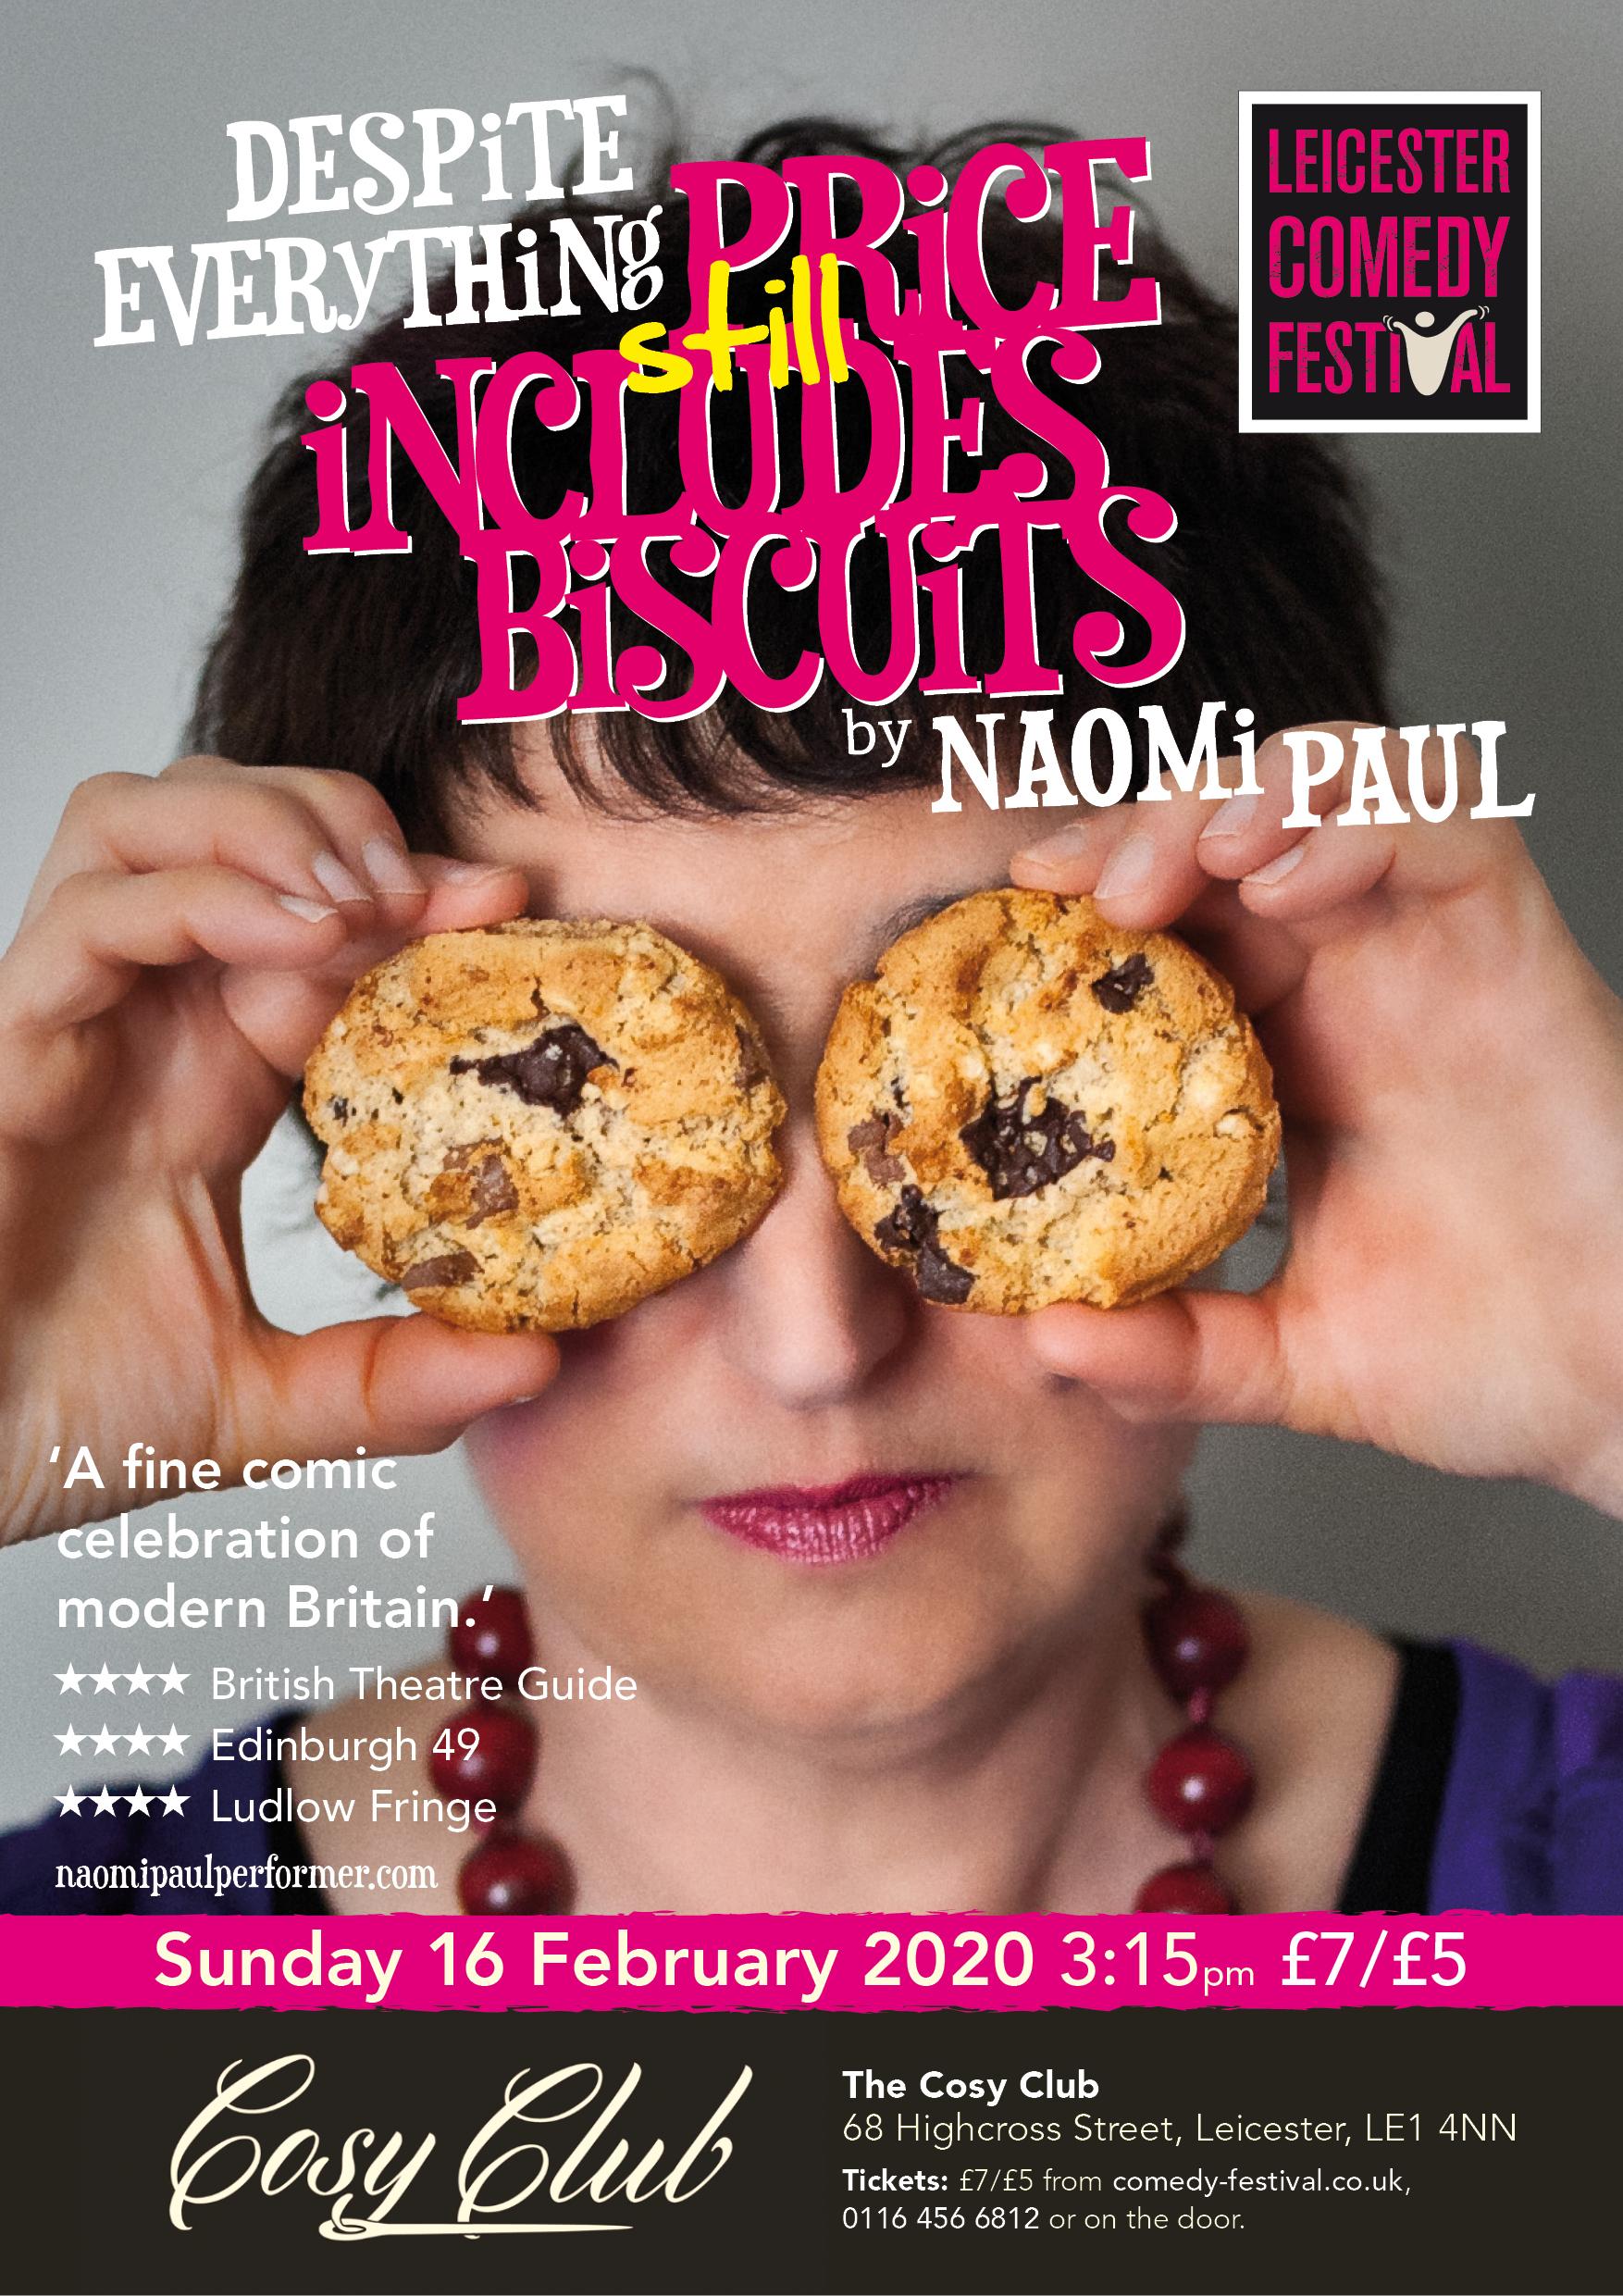 biscuits-2020-leics_a3_mock1a_150rgb